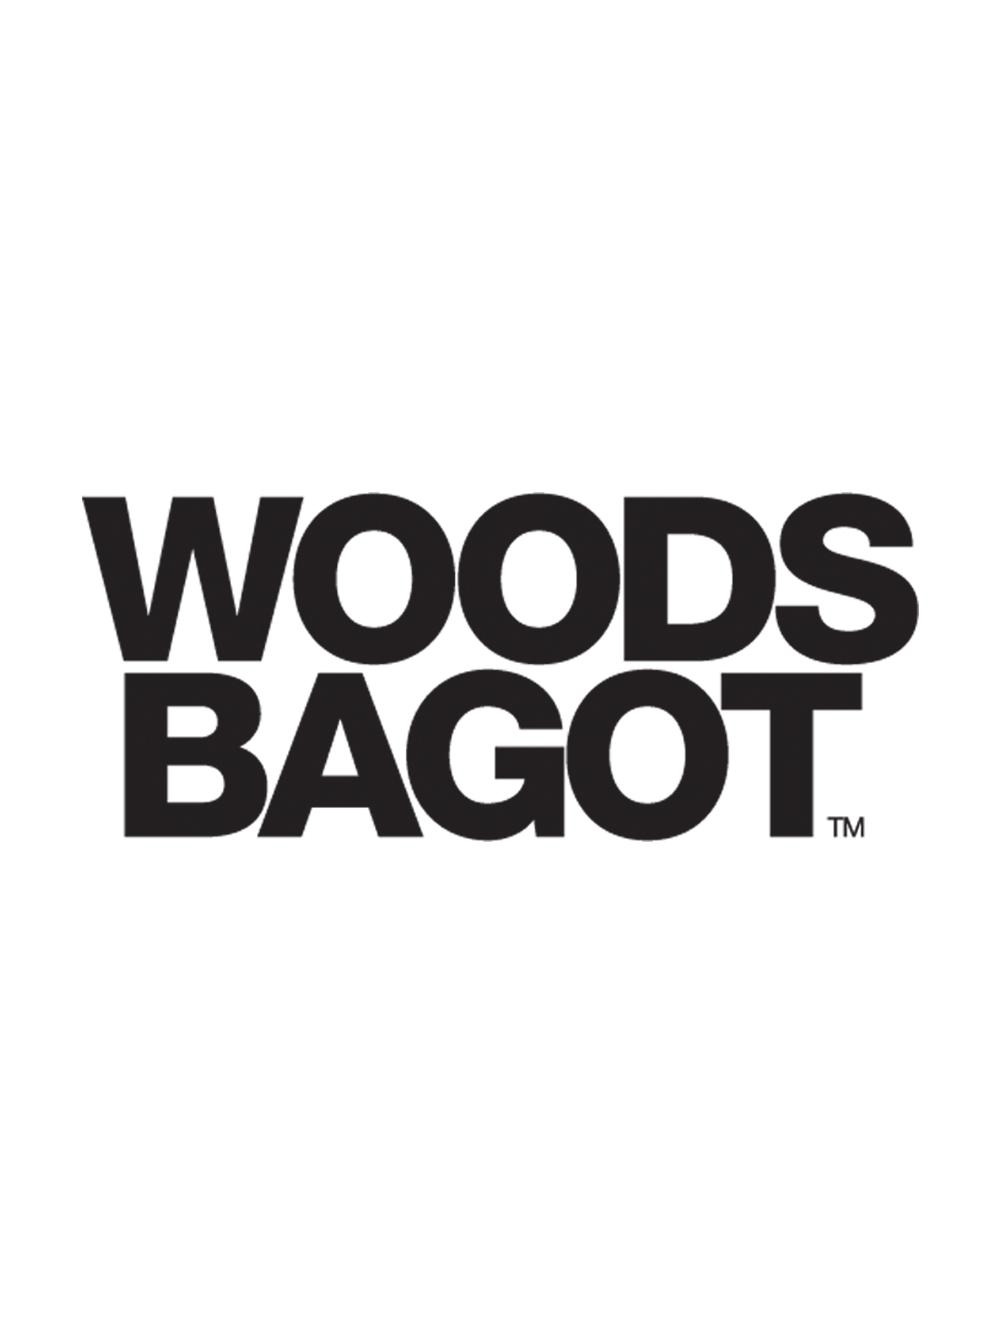 woods-bagot_1000x1333.png